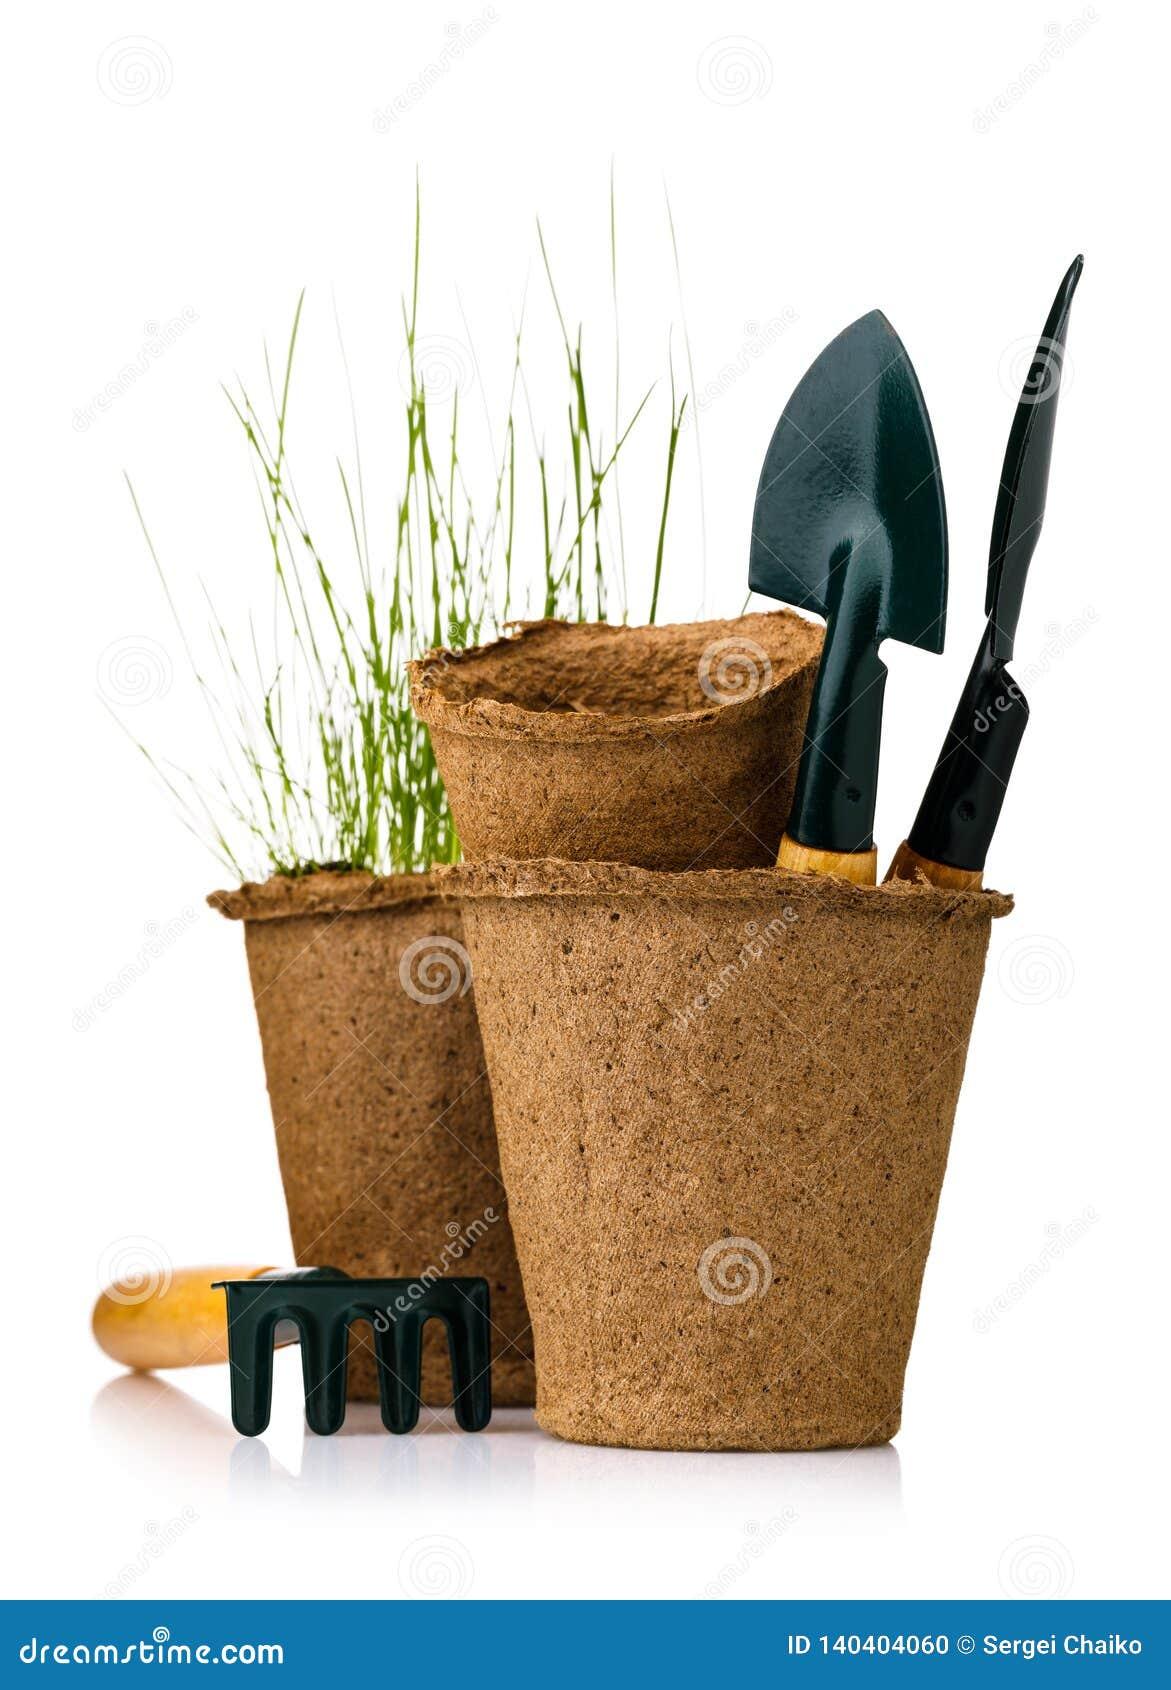 Strumenti per fare il giardinaggio: vaso della torba con le piantine e le pale isolate